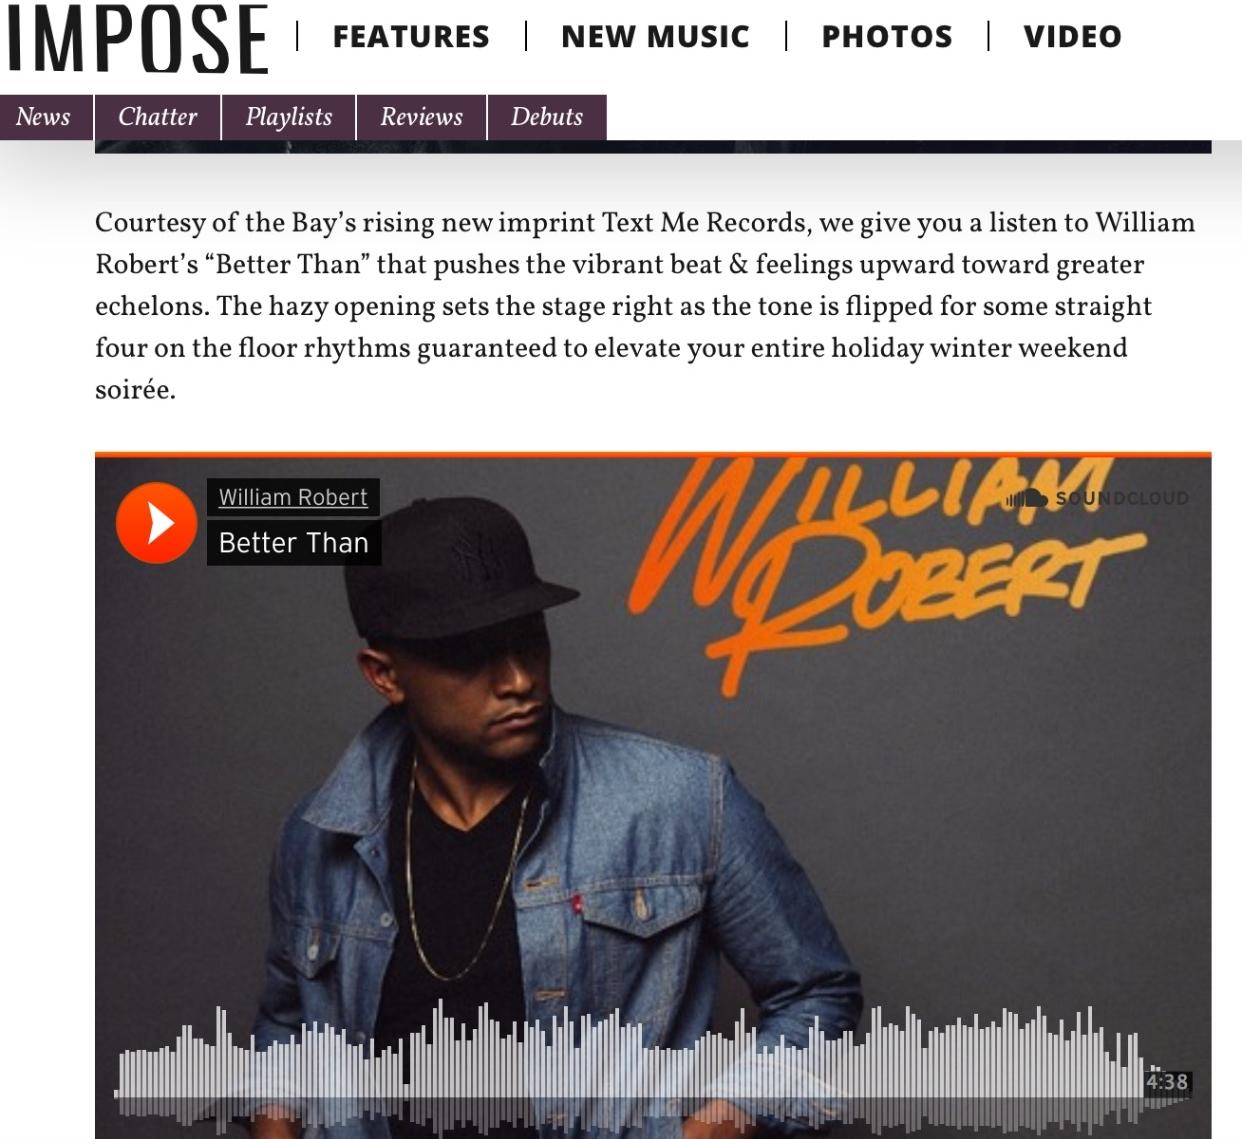 William Robert impose magazine weekend pop